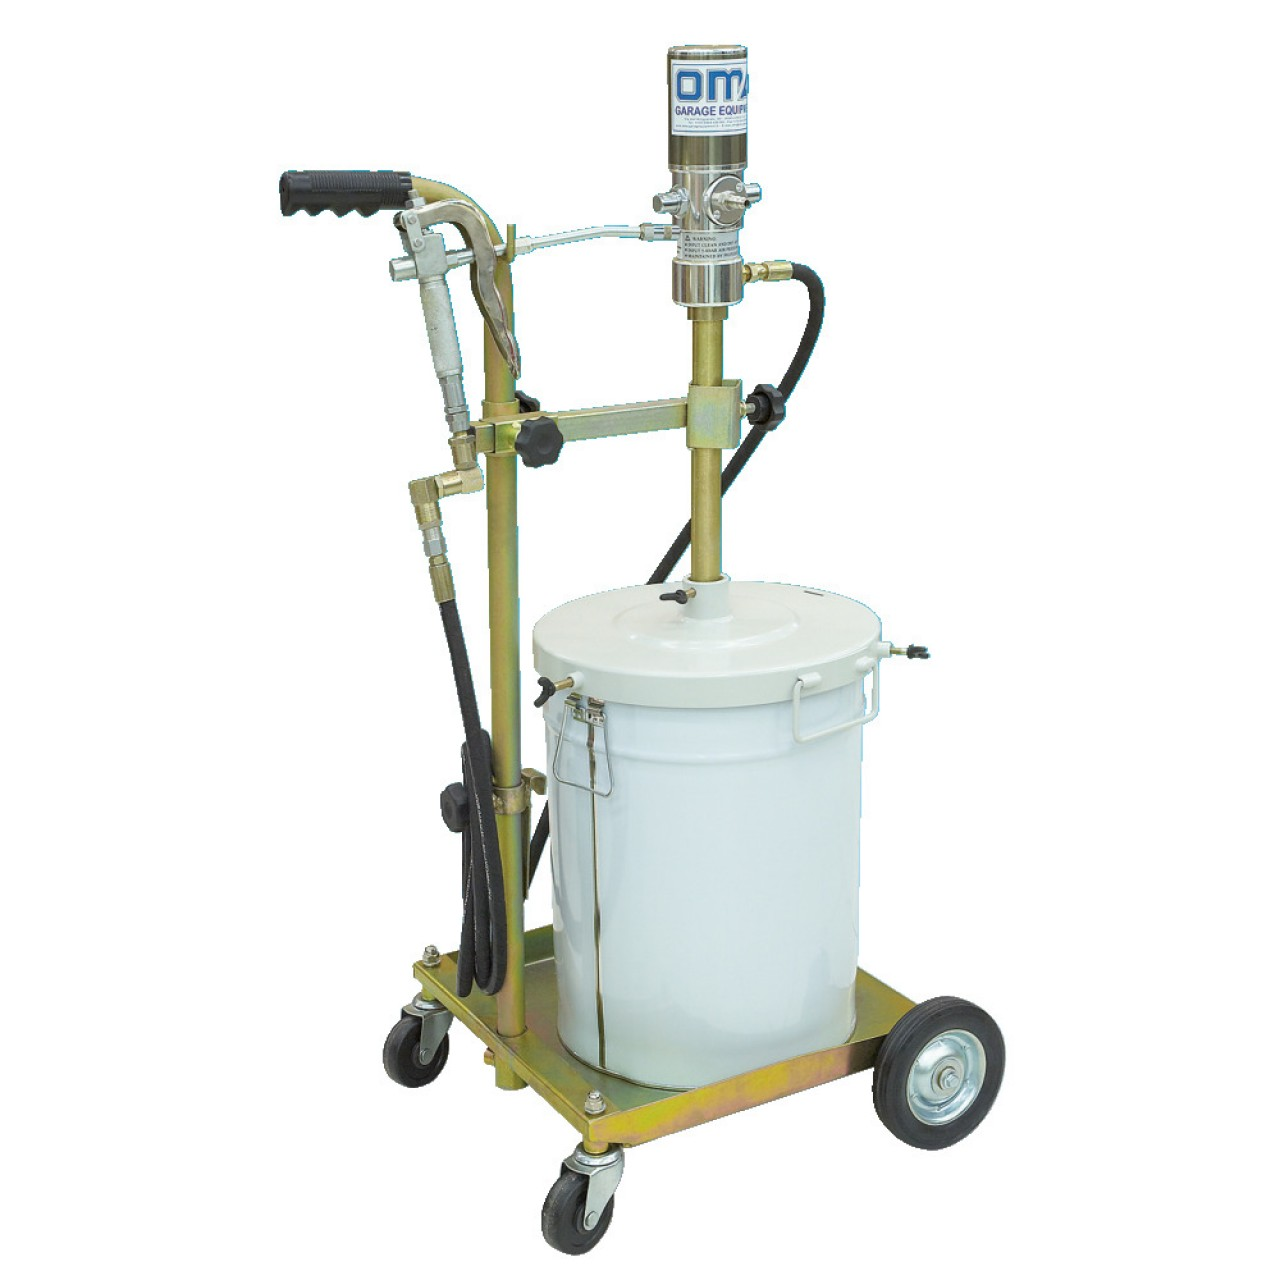 DL-Schmiersystem DL 782 für 180 kg